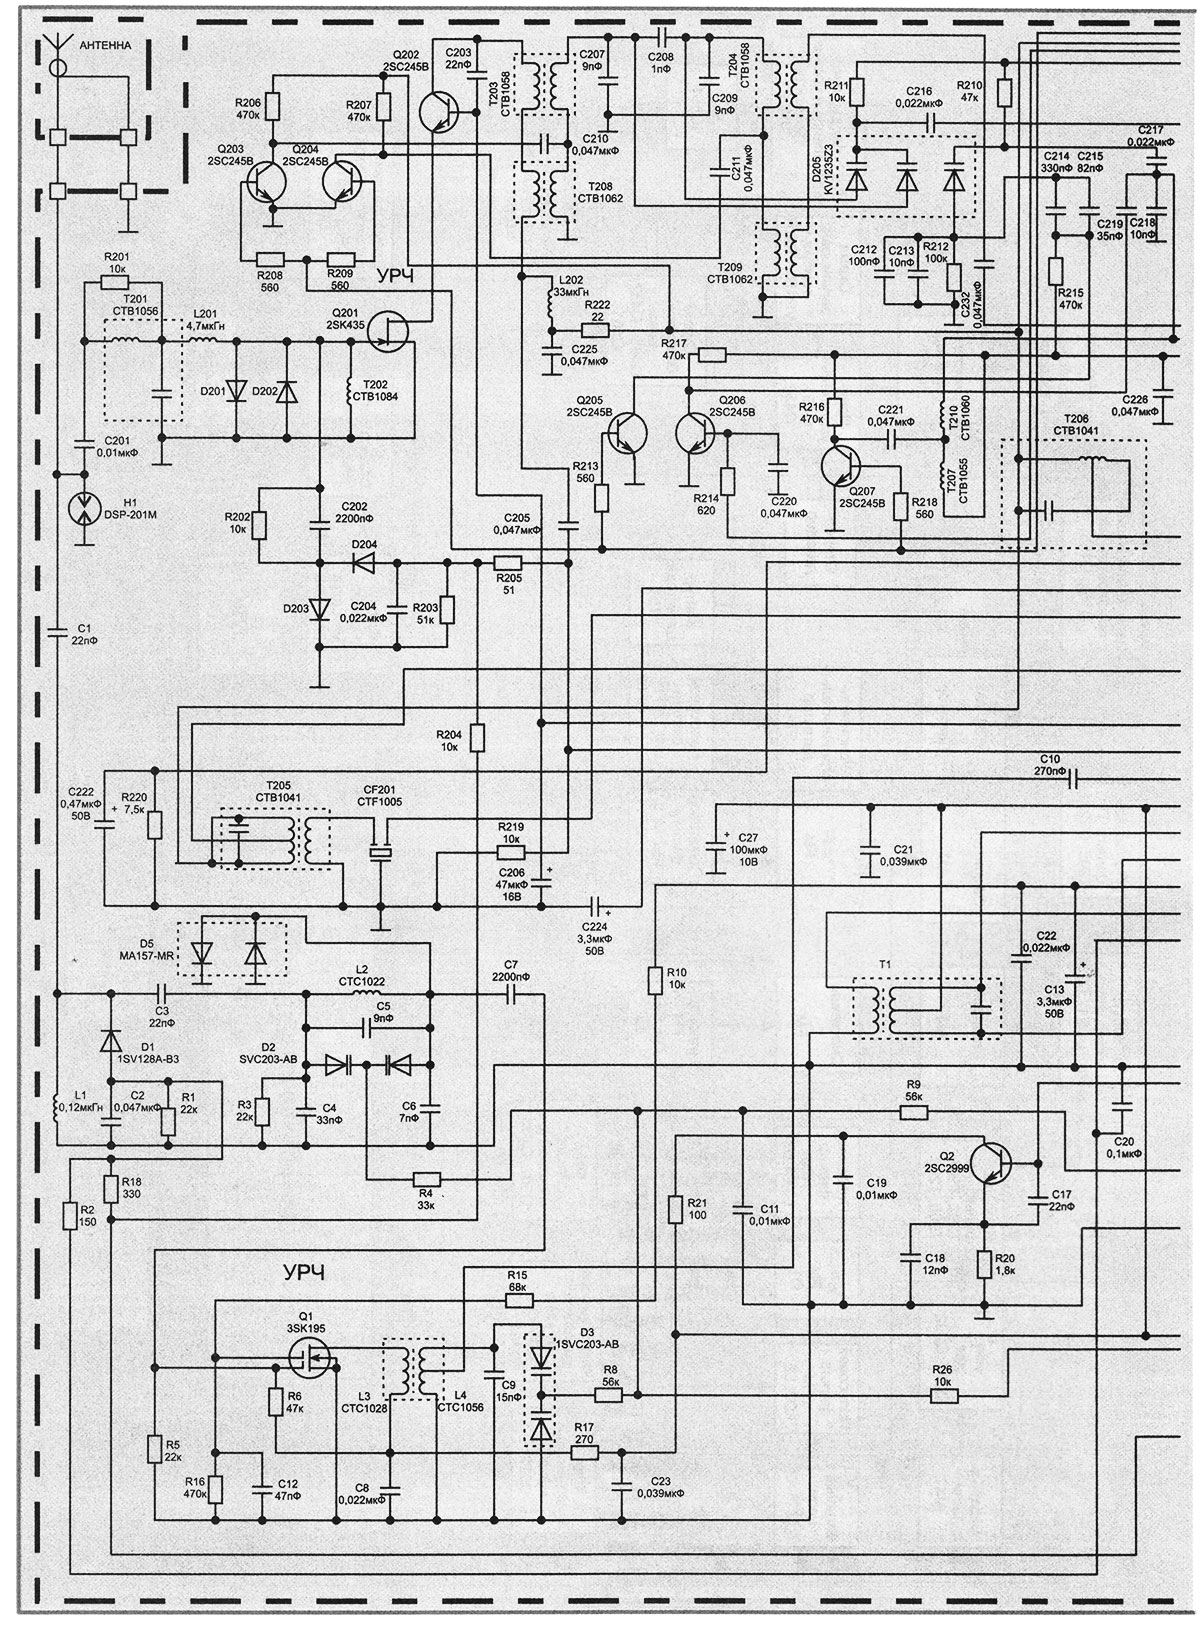 Принципиальная схема автомагнитолы Pioneer KE-2730